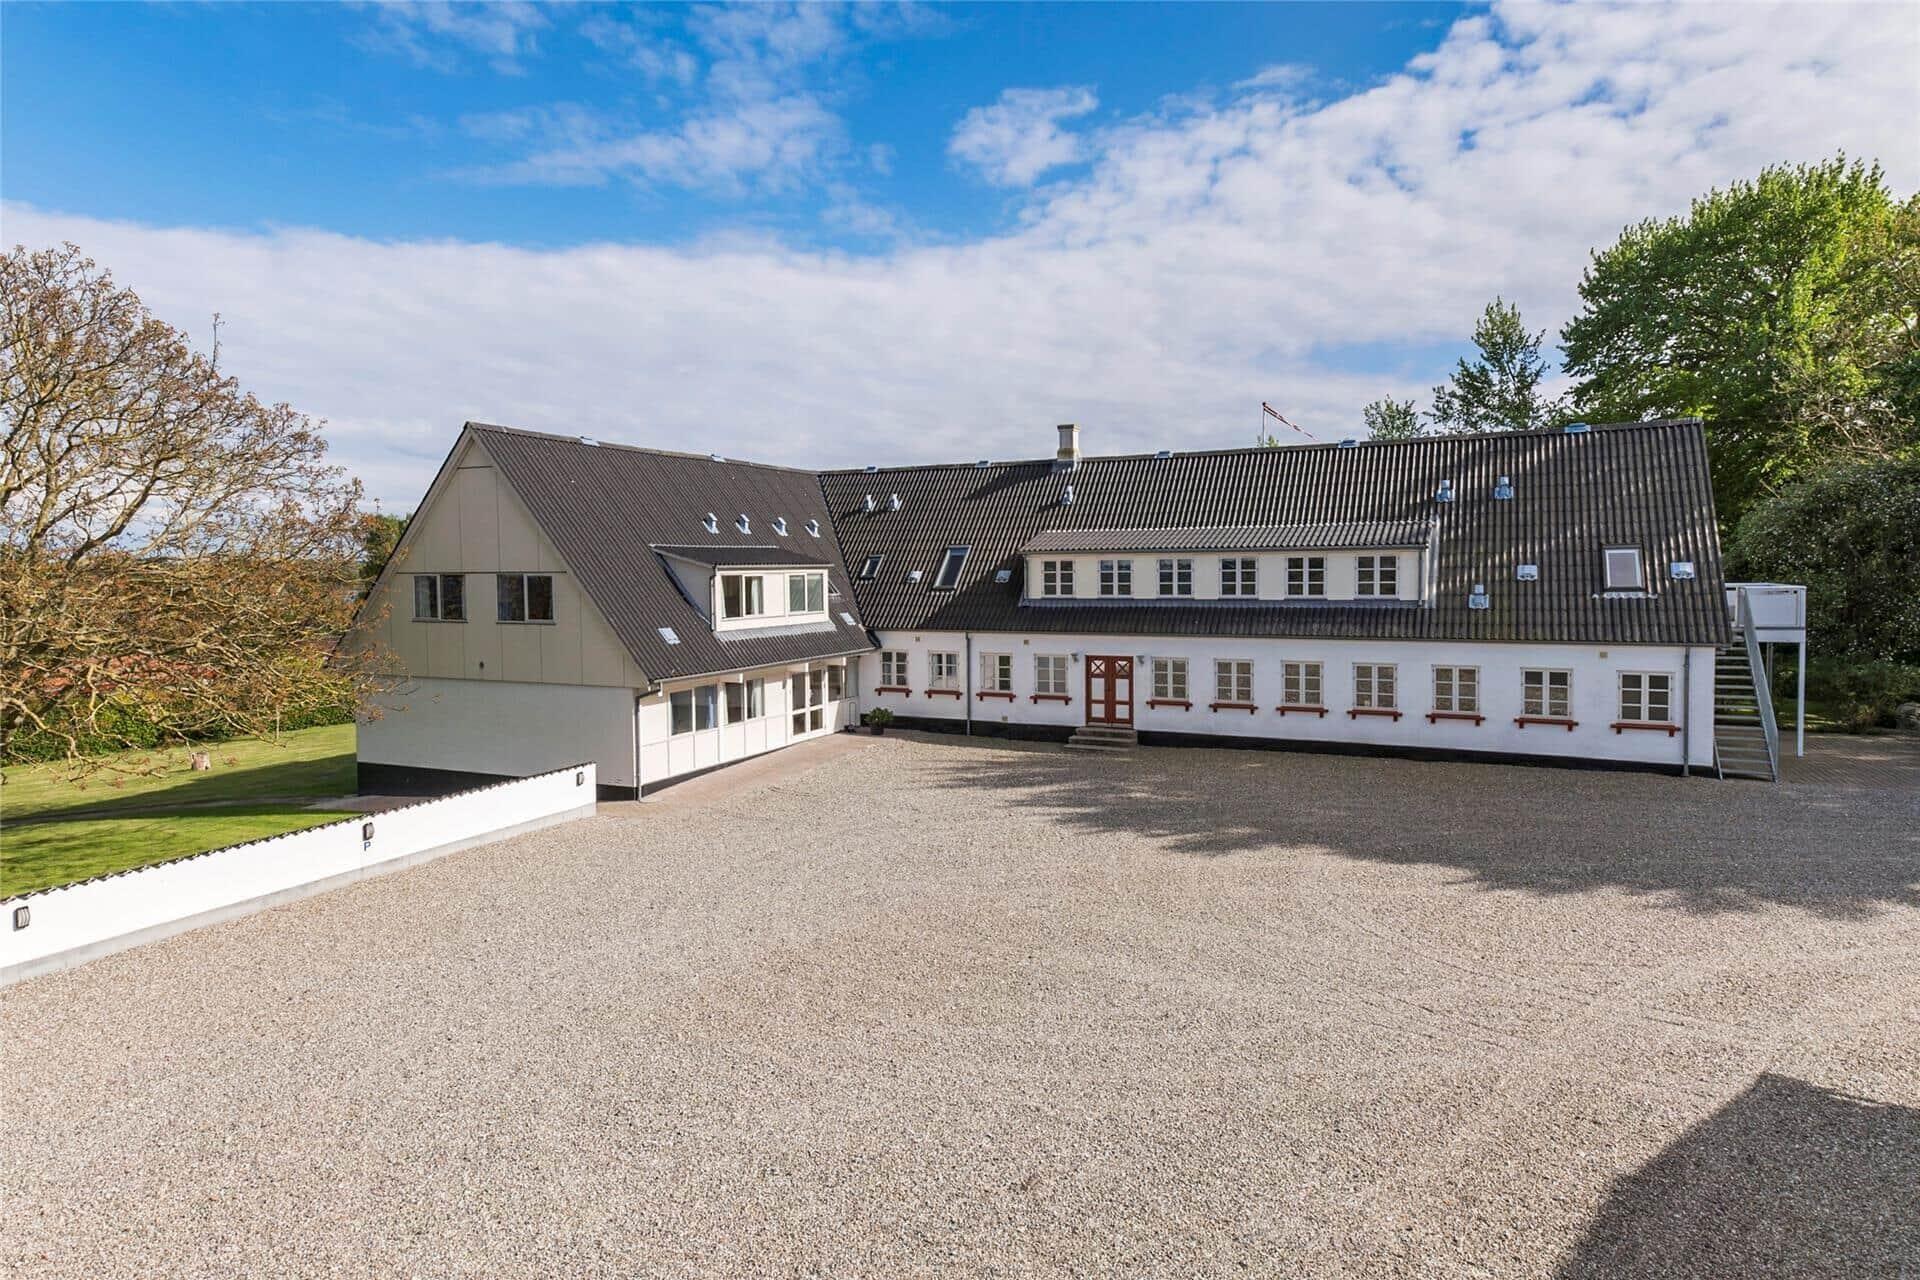 Billede 0-3 Sommerhus M70274, Borgnæsvej 4, DK - 5970 Ærøskøbing